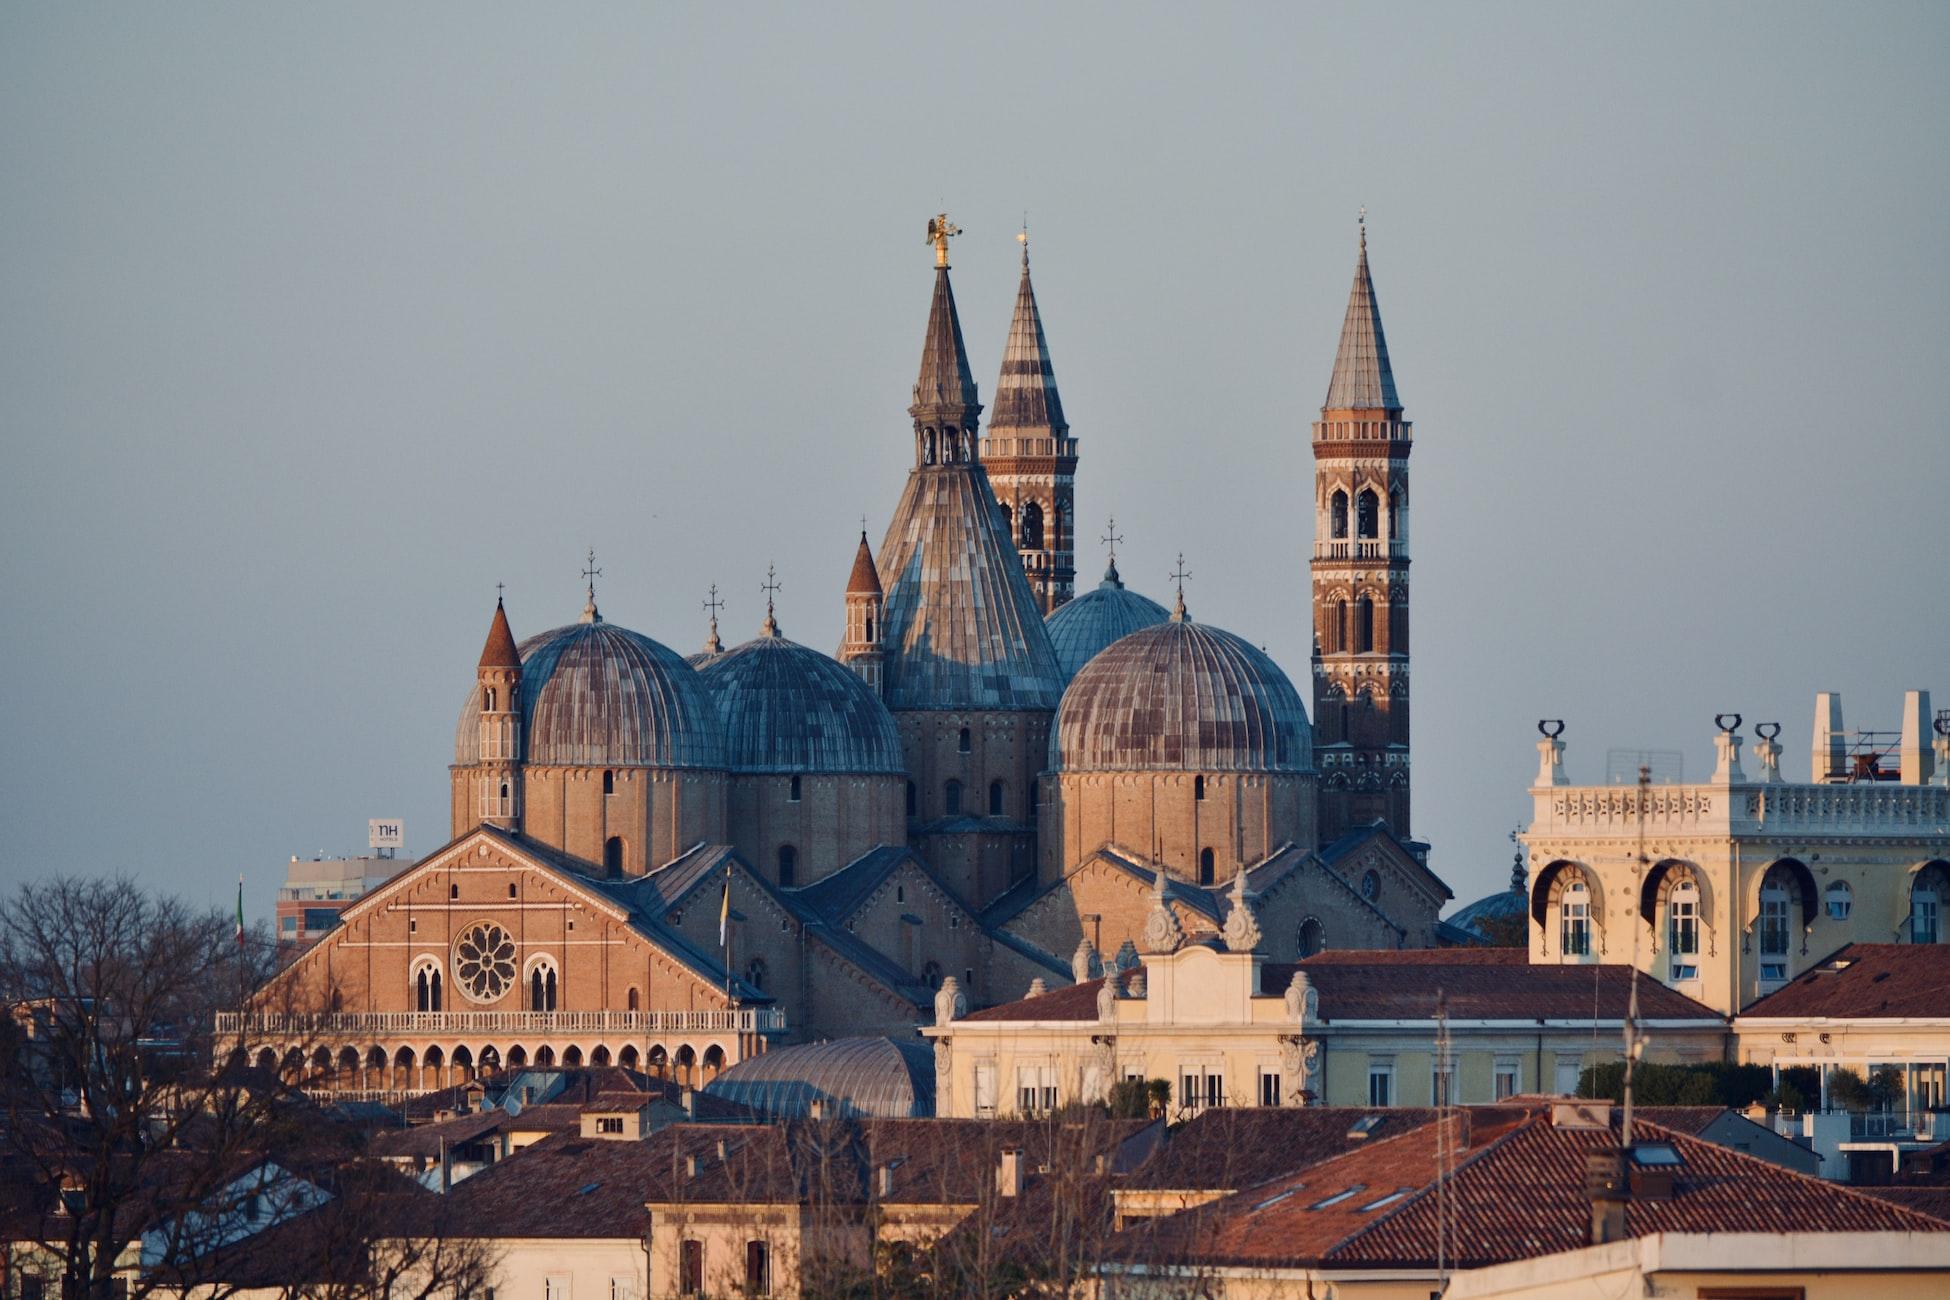 a church in Padua, Italy